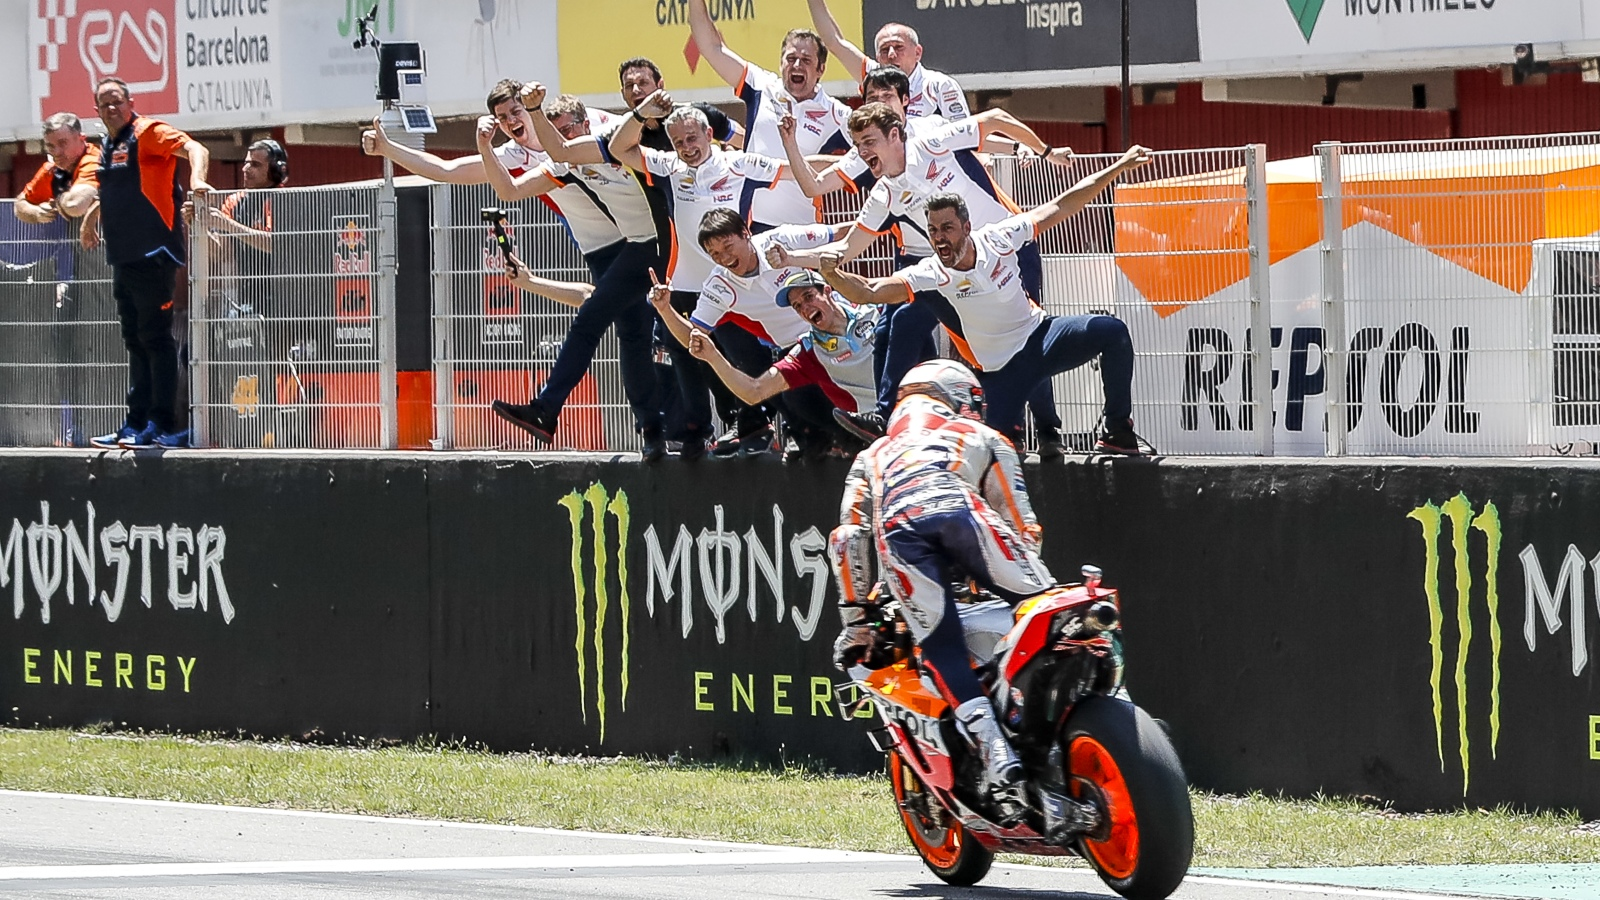 En Aragón, Marc Márquez se convirtió en el piloto más joven de la historia en llegar a los 200 grandes premios. ¿A quién le quitó el récord?